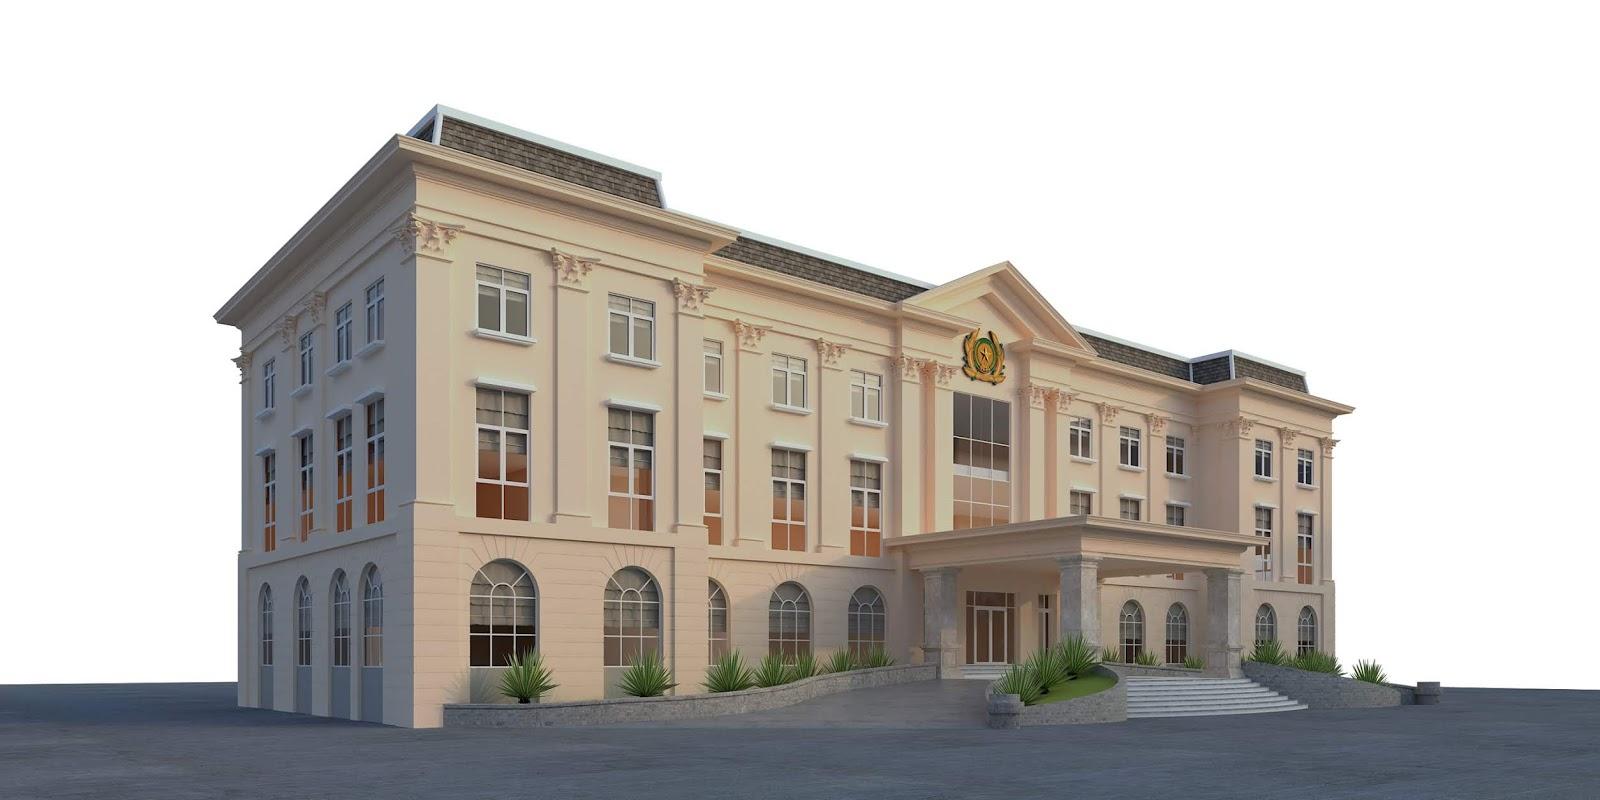 thiết kế 3d trụ sở làm việc kiểu cổ điển